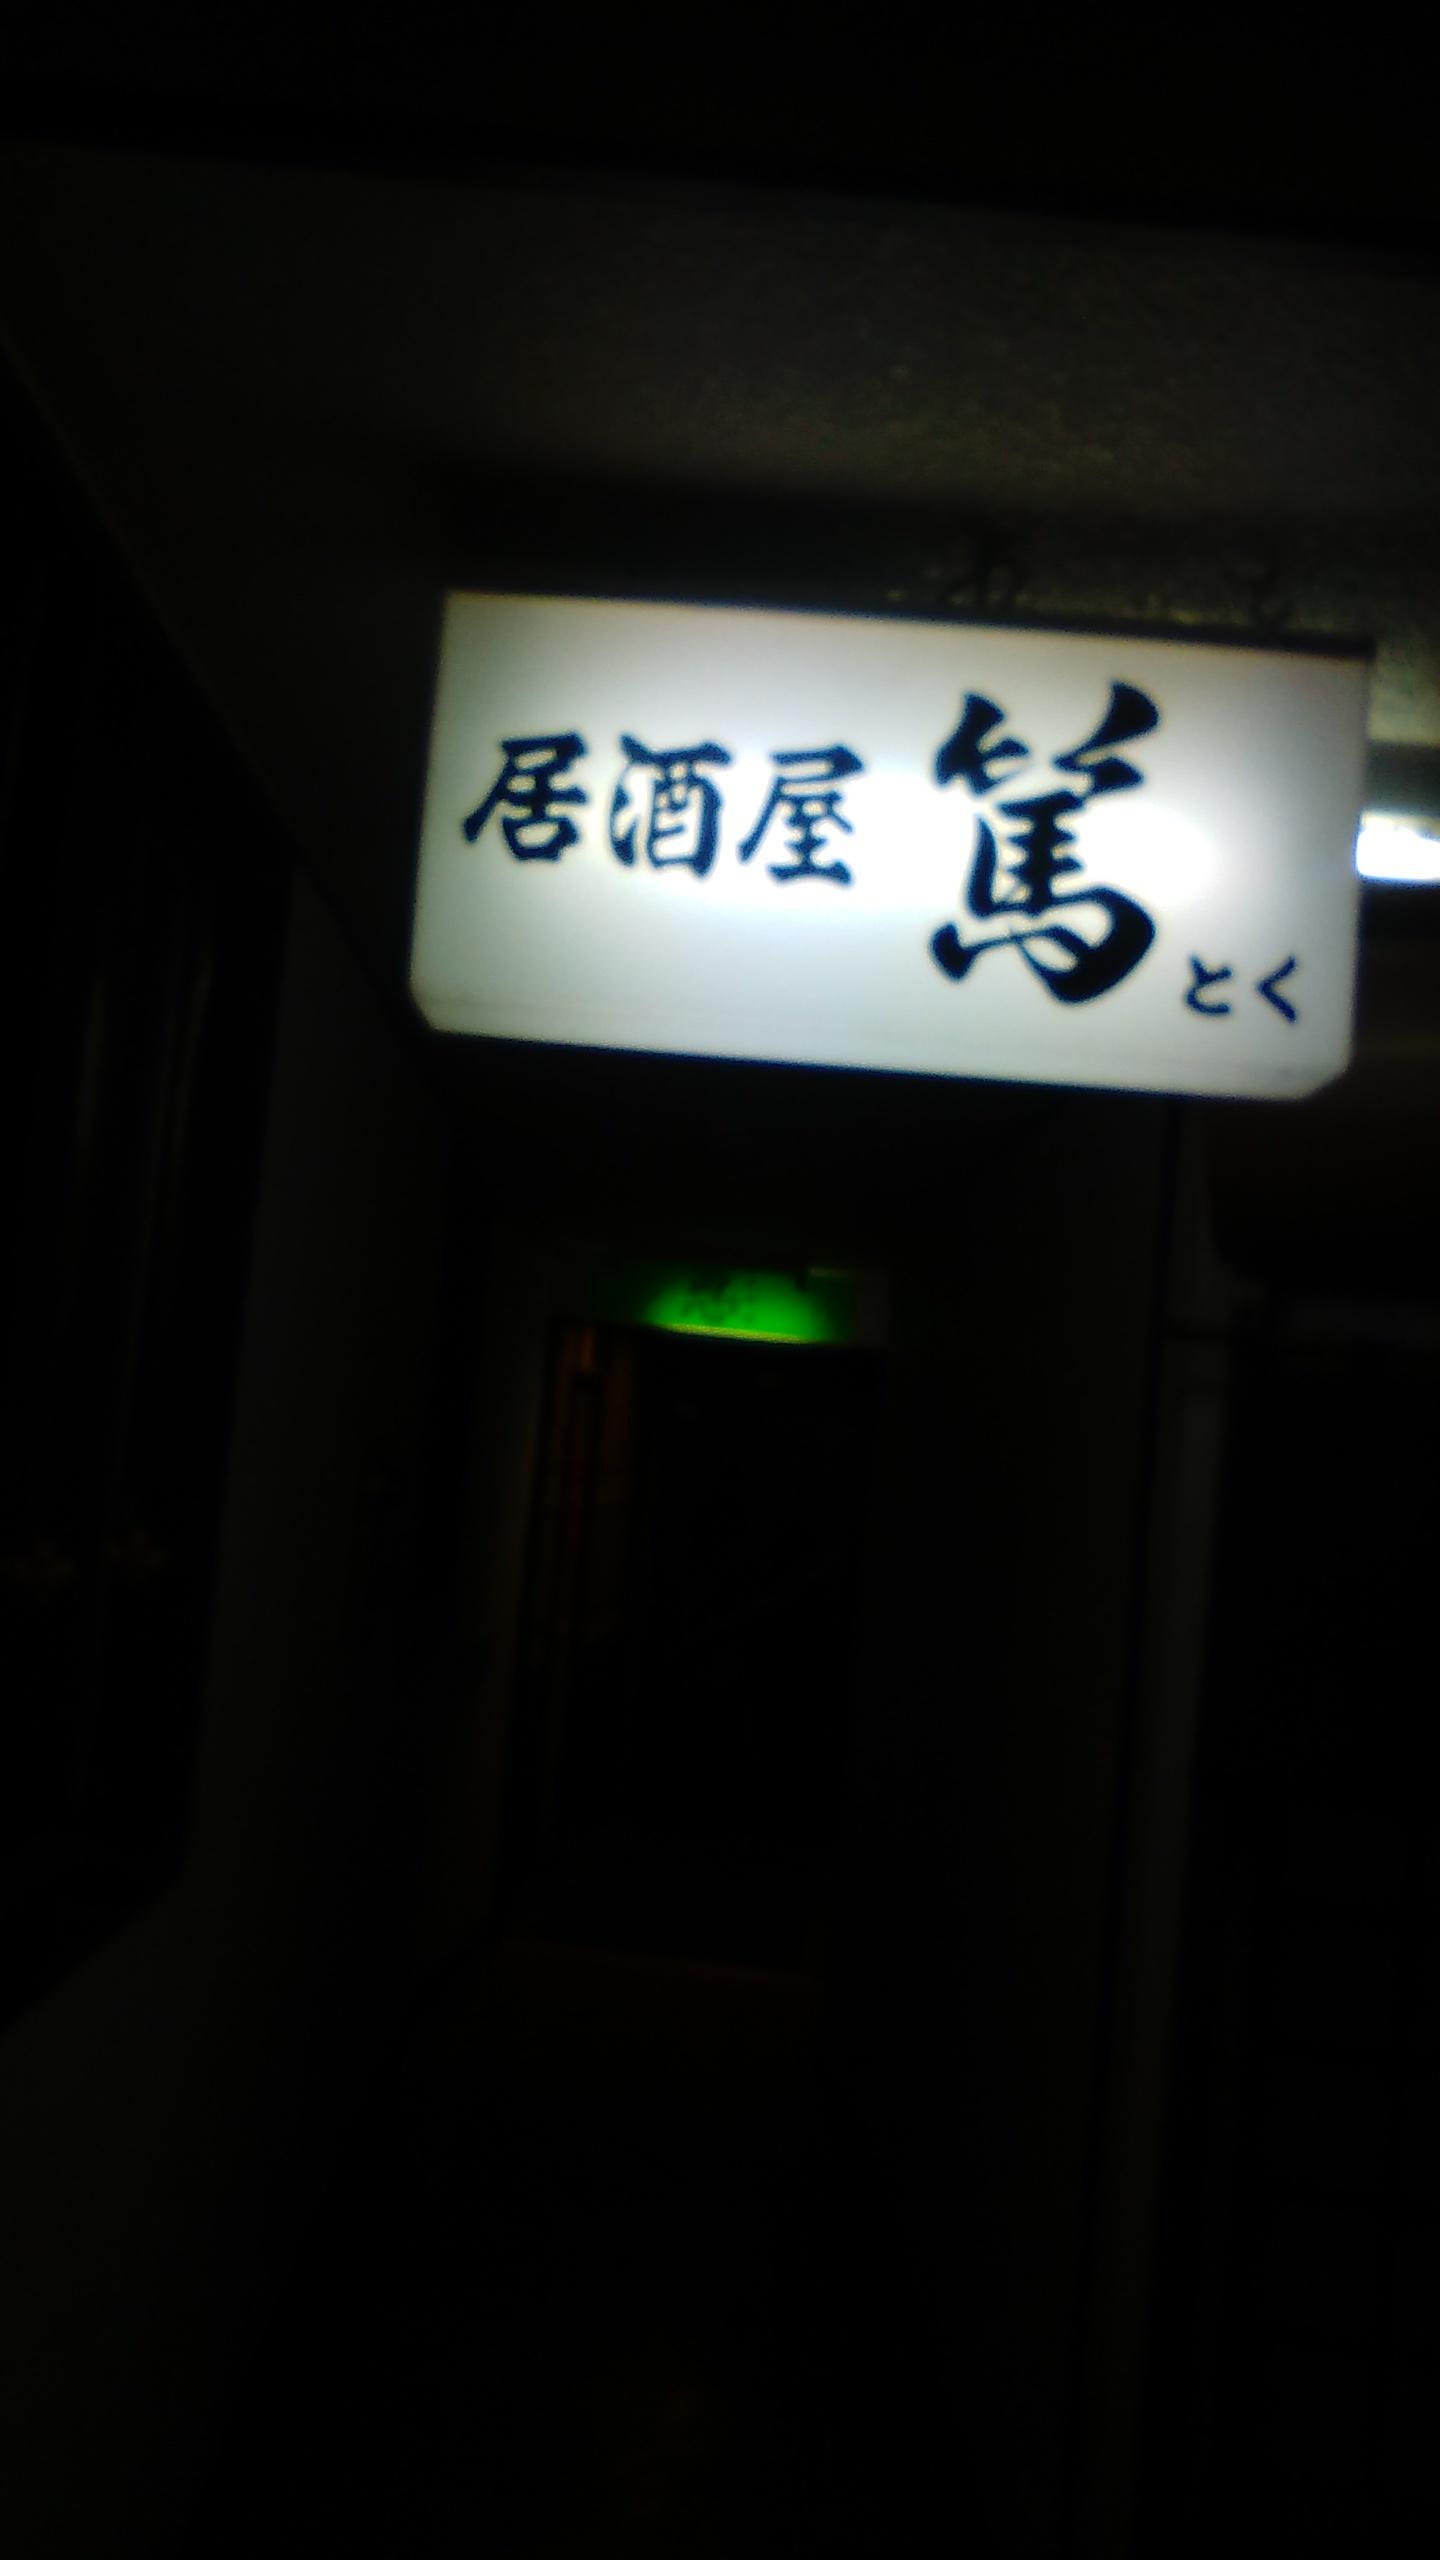 居酒屋篤 name=